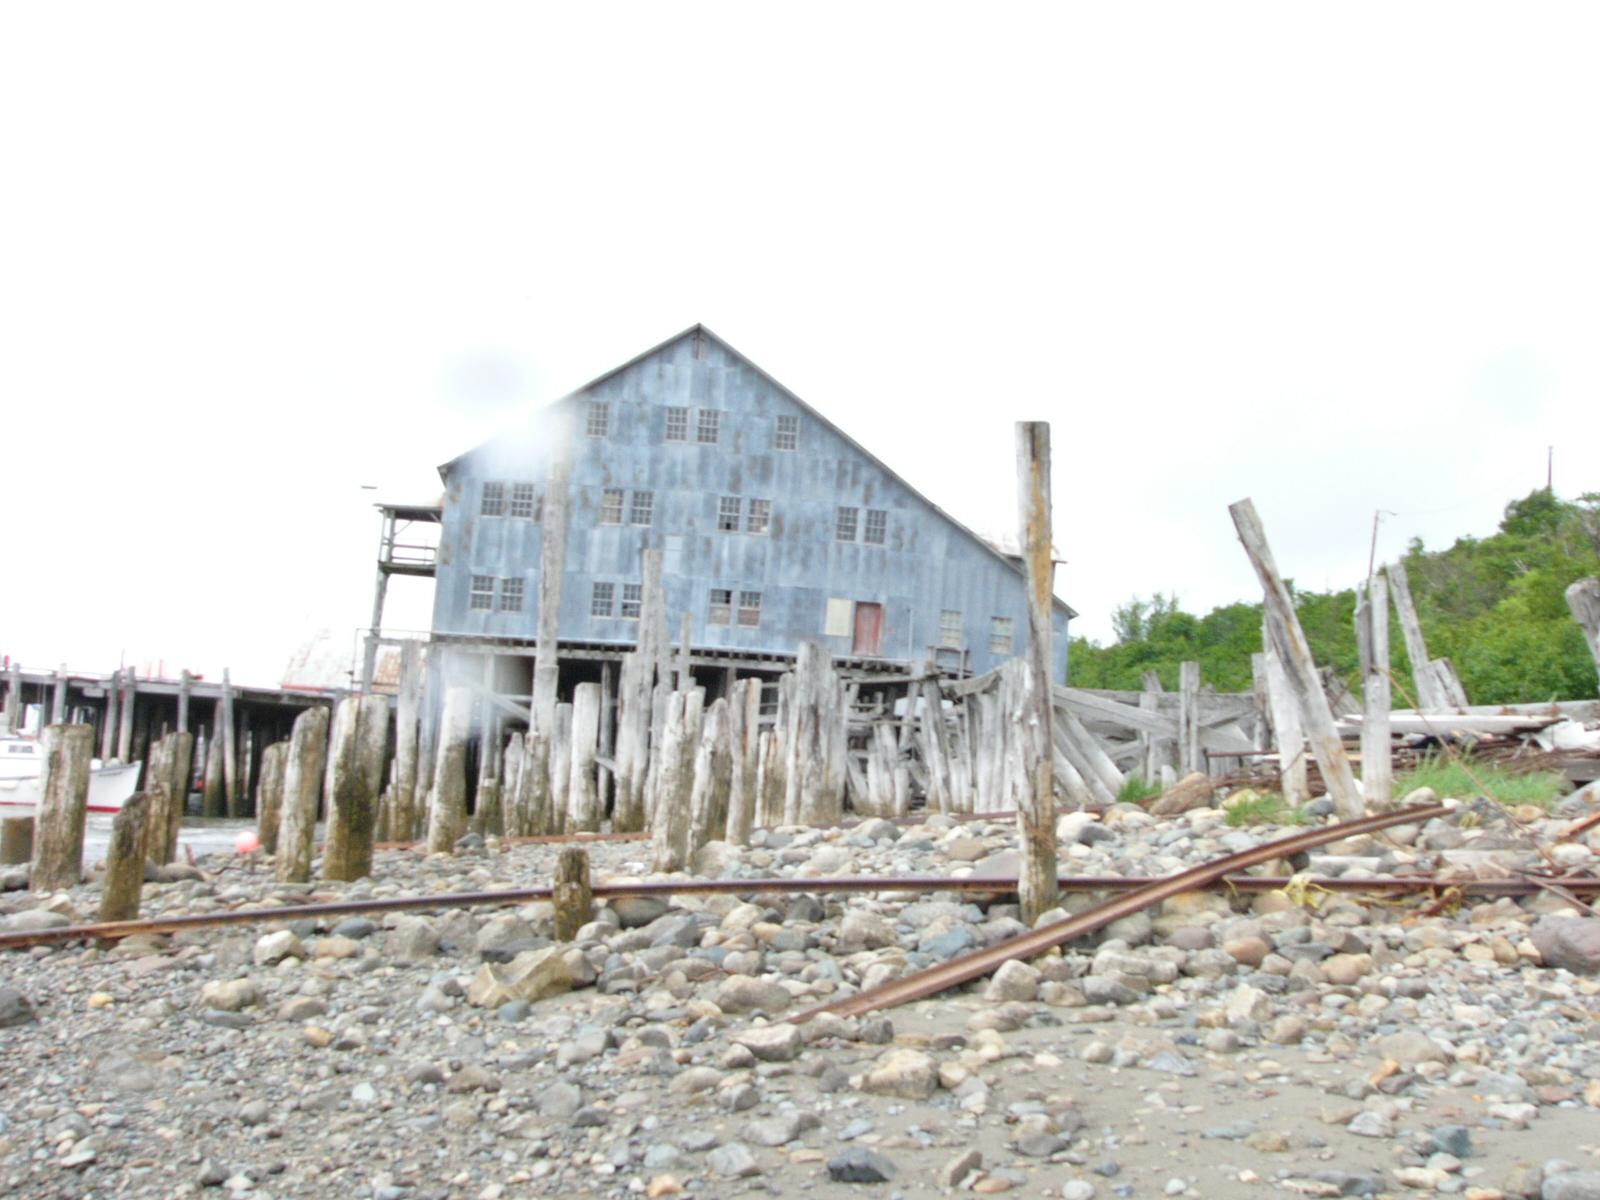 Întâmplări şi poveşti din Alaska: de la urşi, la coaste rupte (I)